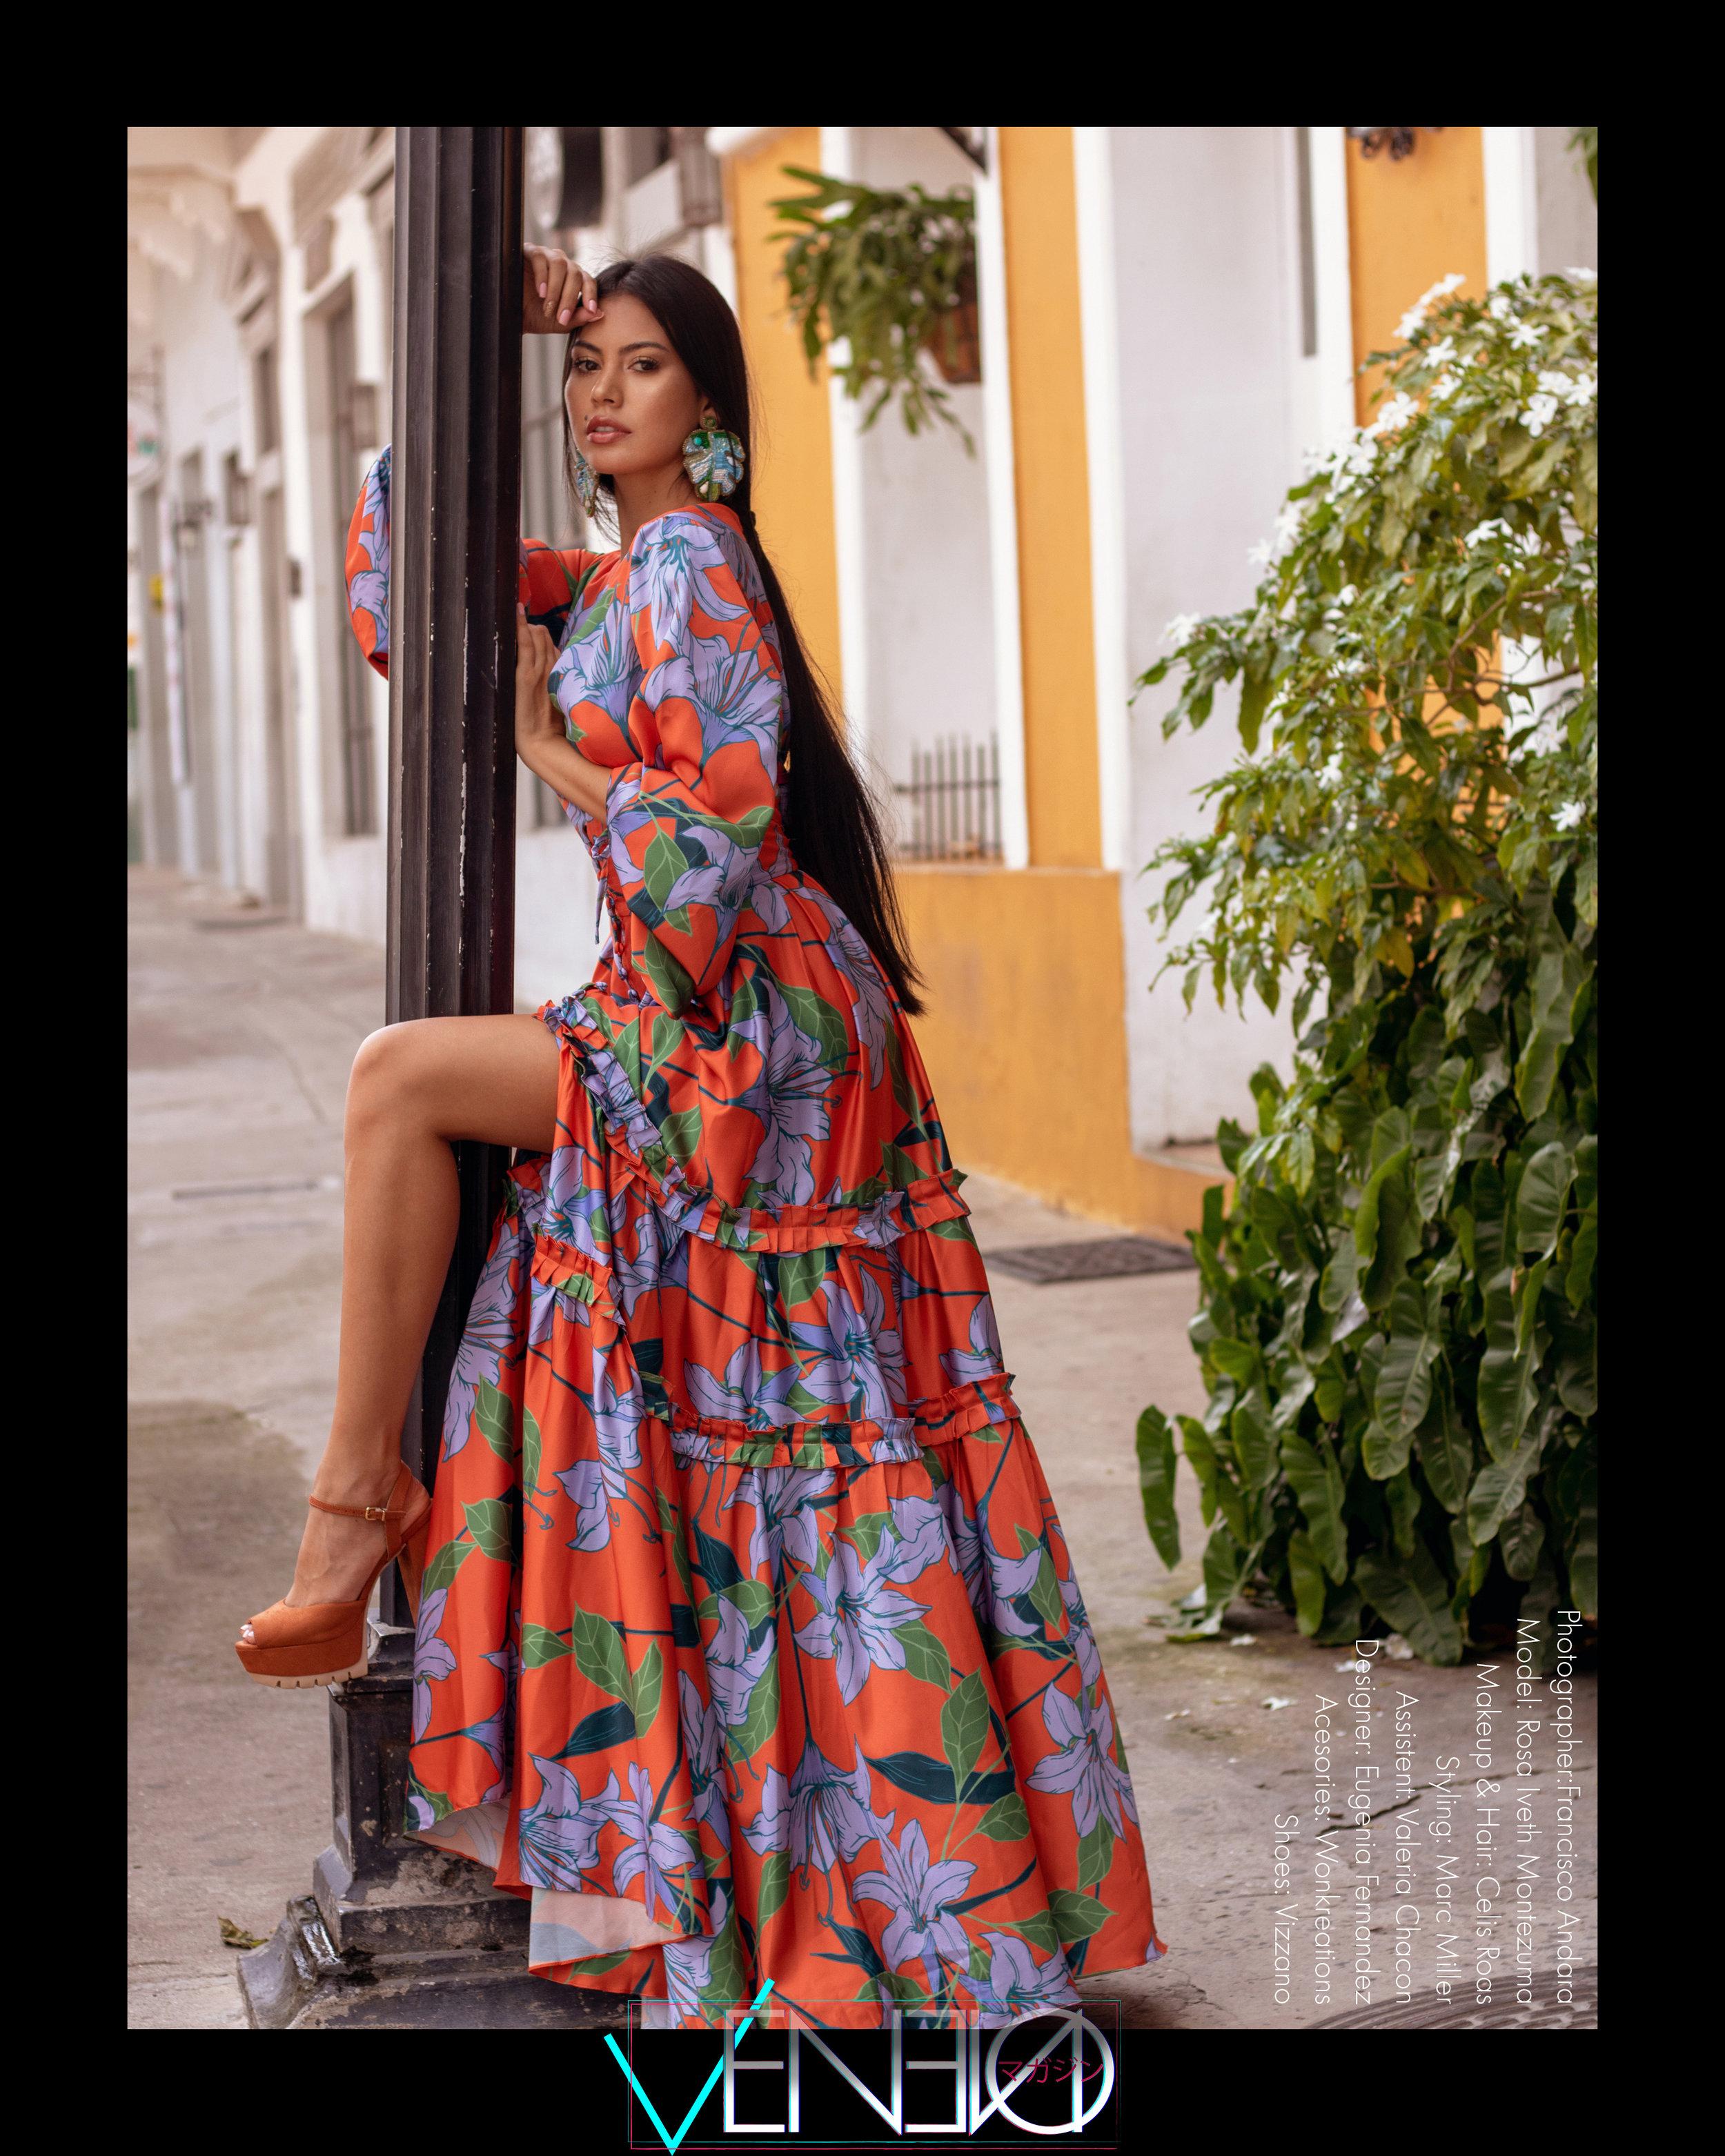 Dress: Glory Ang Atelier  @gloryangatelier  Accessories: Wonkreations  @wonkreations  Shoes: Vizzano  @vizzano_oficial